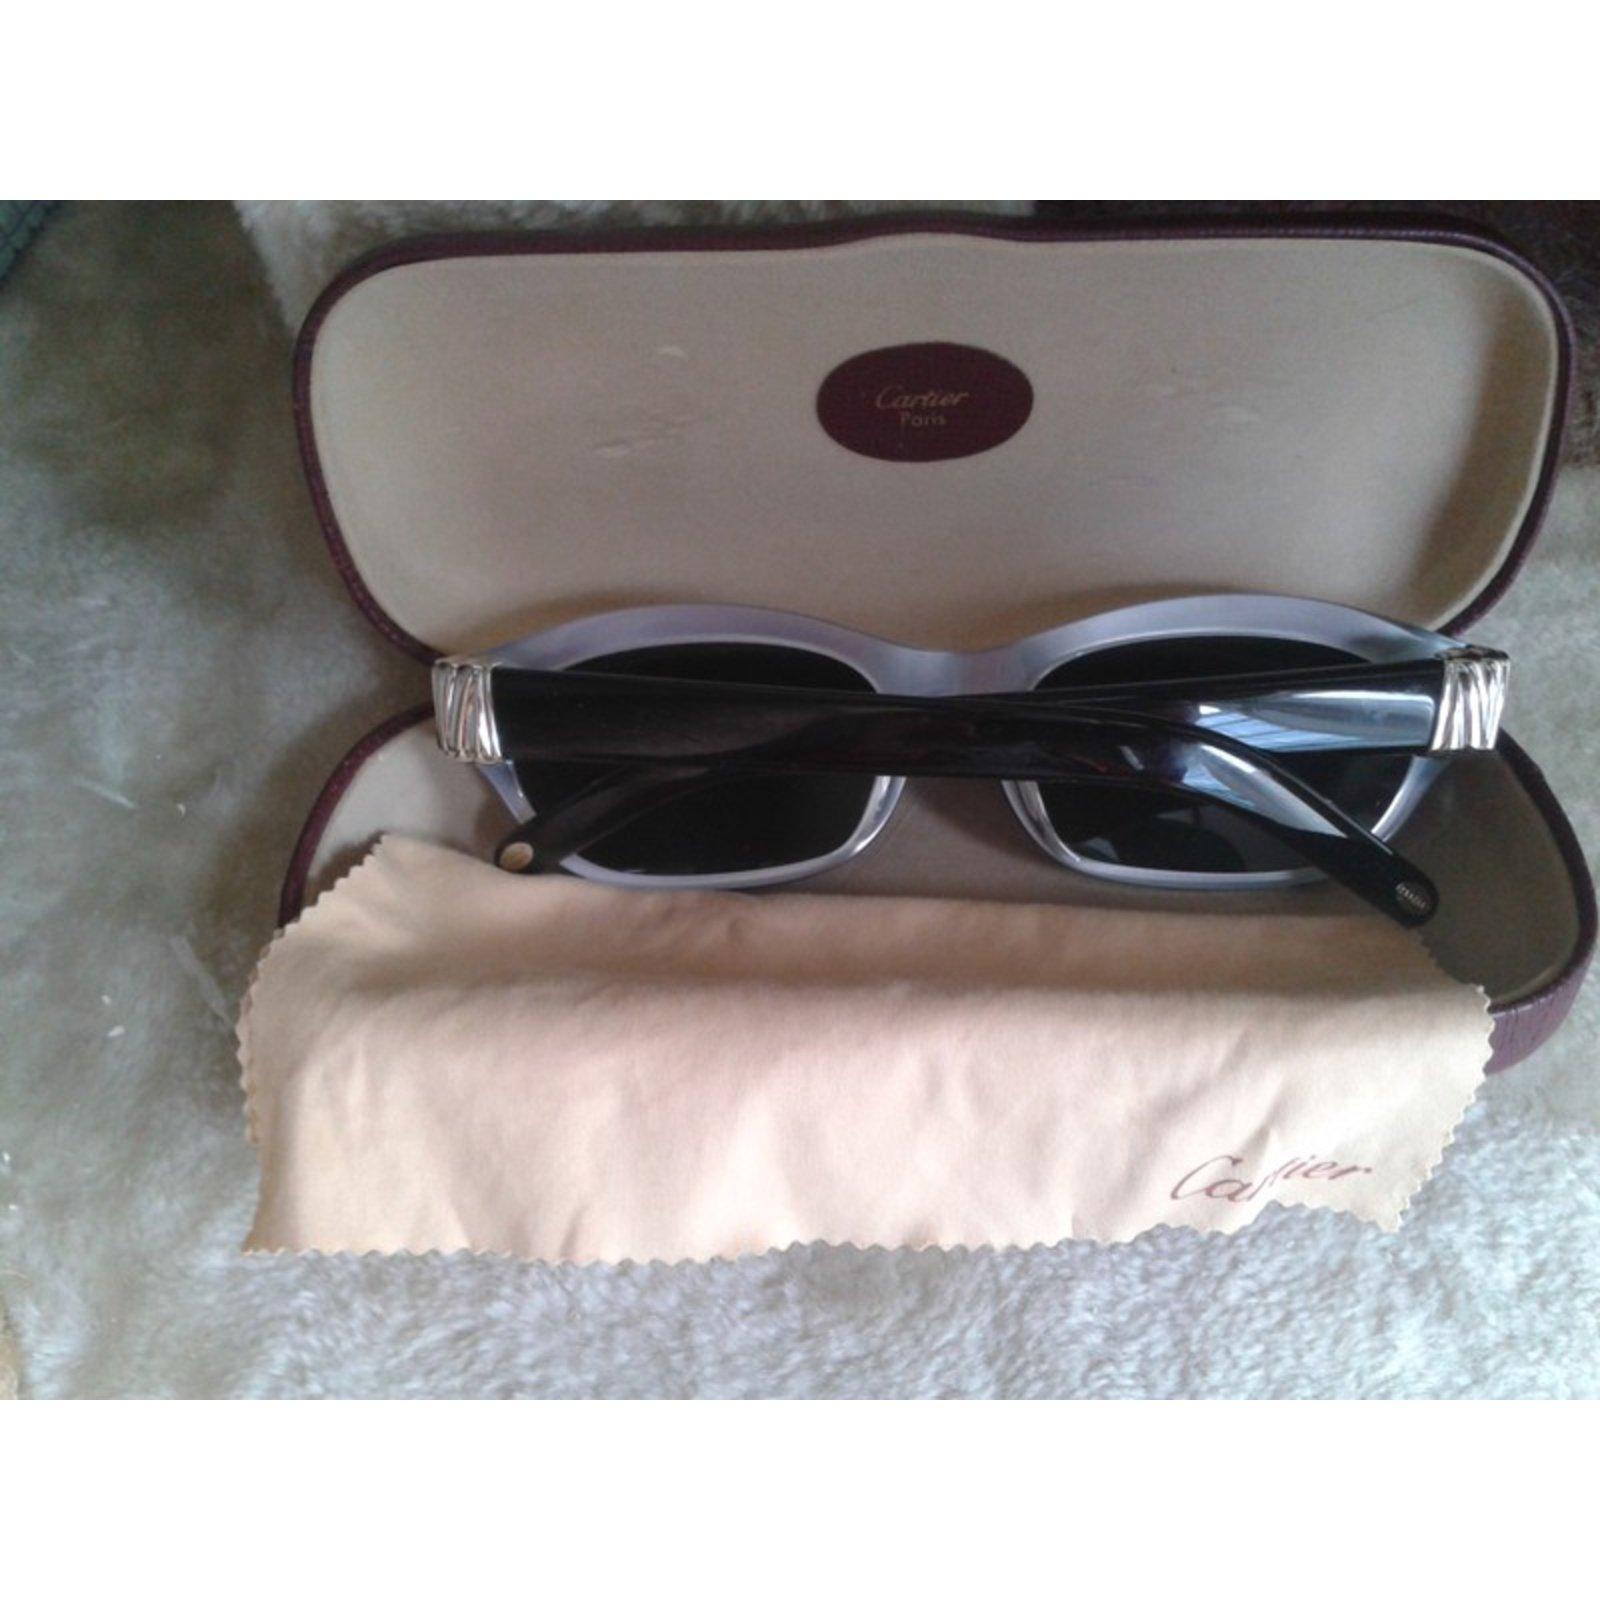 Lunettes Cartier Lunette de soleil Joyce de Cartier Vintage Résine Noir  ref.66910 - Joli Closet 732afac67d01